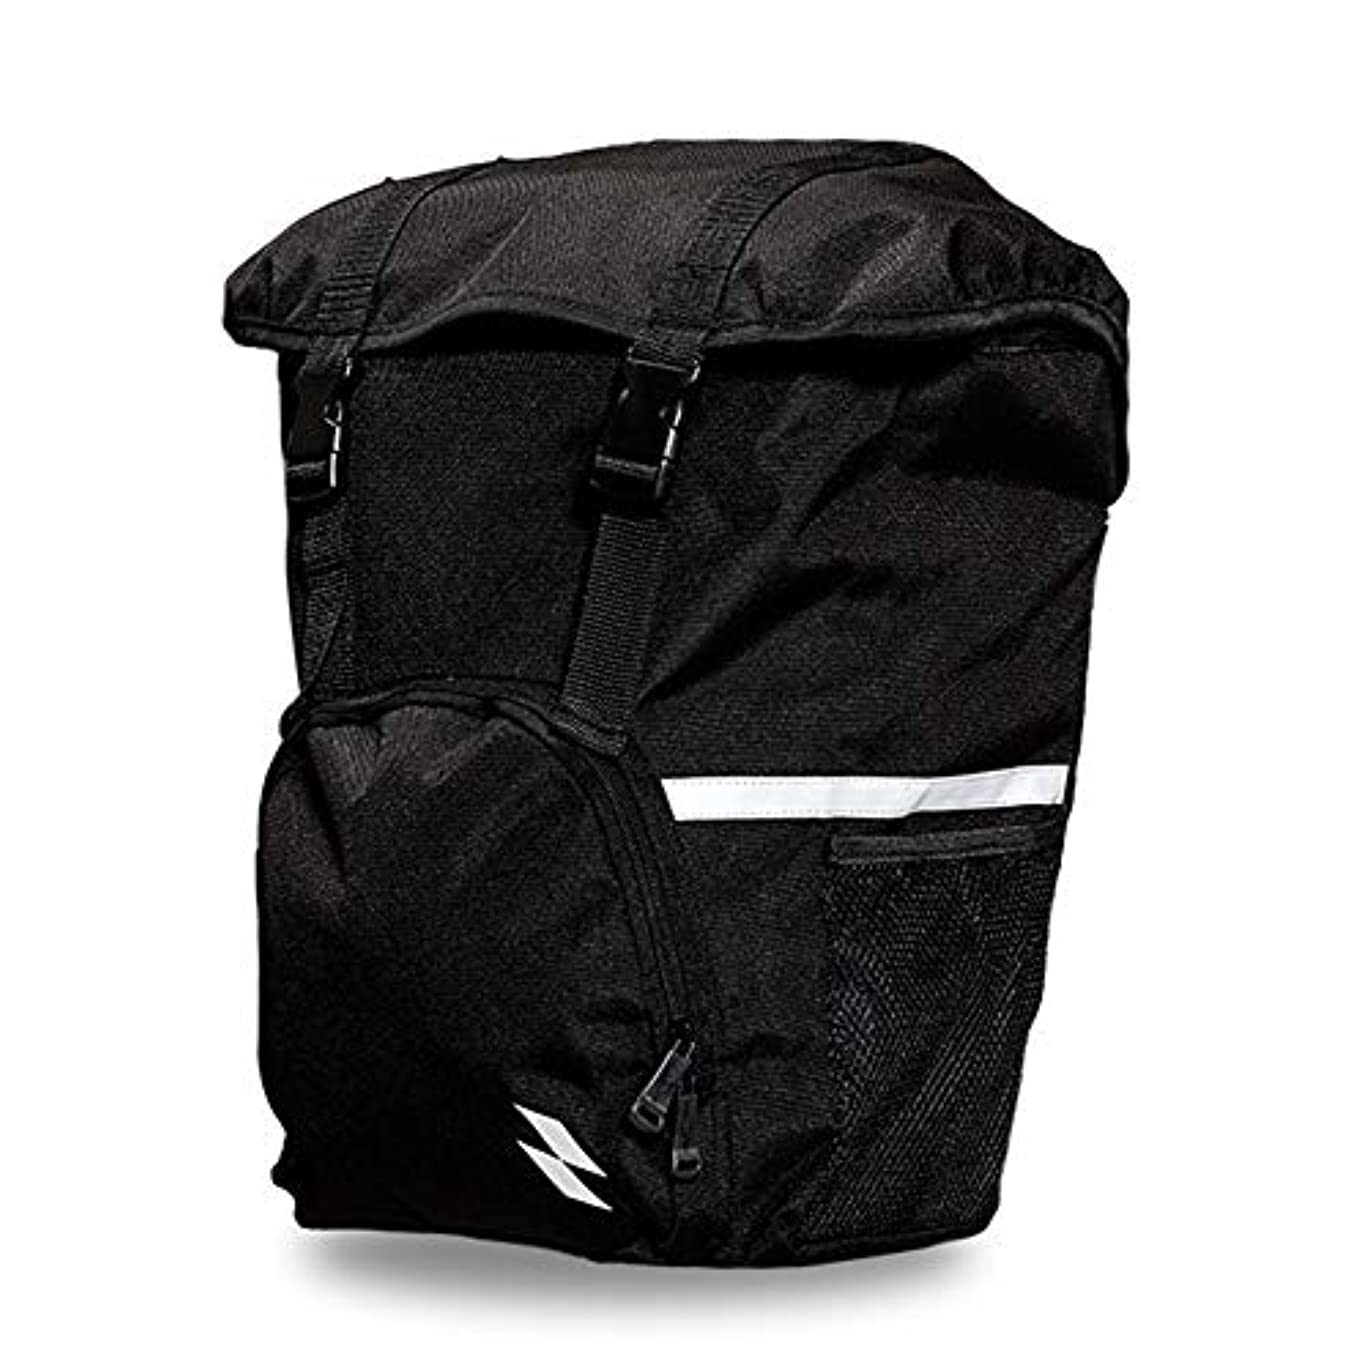 クリケット周波数通訳自転車後部座席バッグ、ウェアラブル棚バッグ片側乗馬大容量収納袋